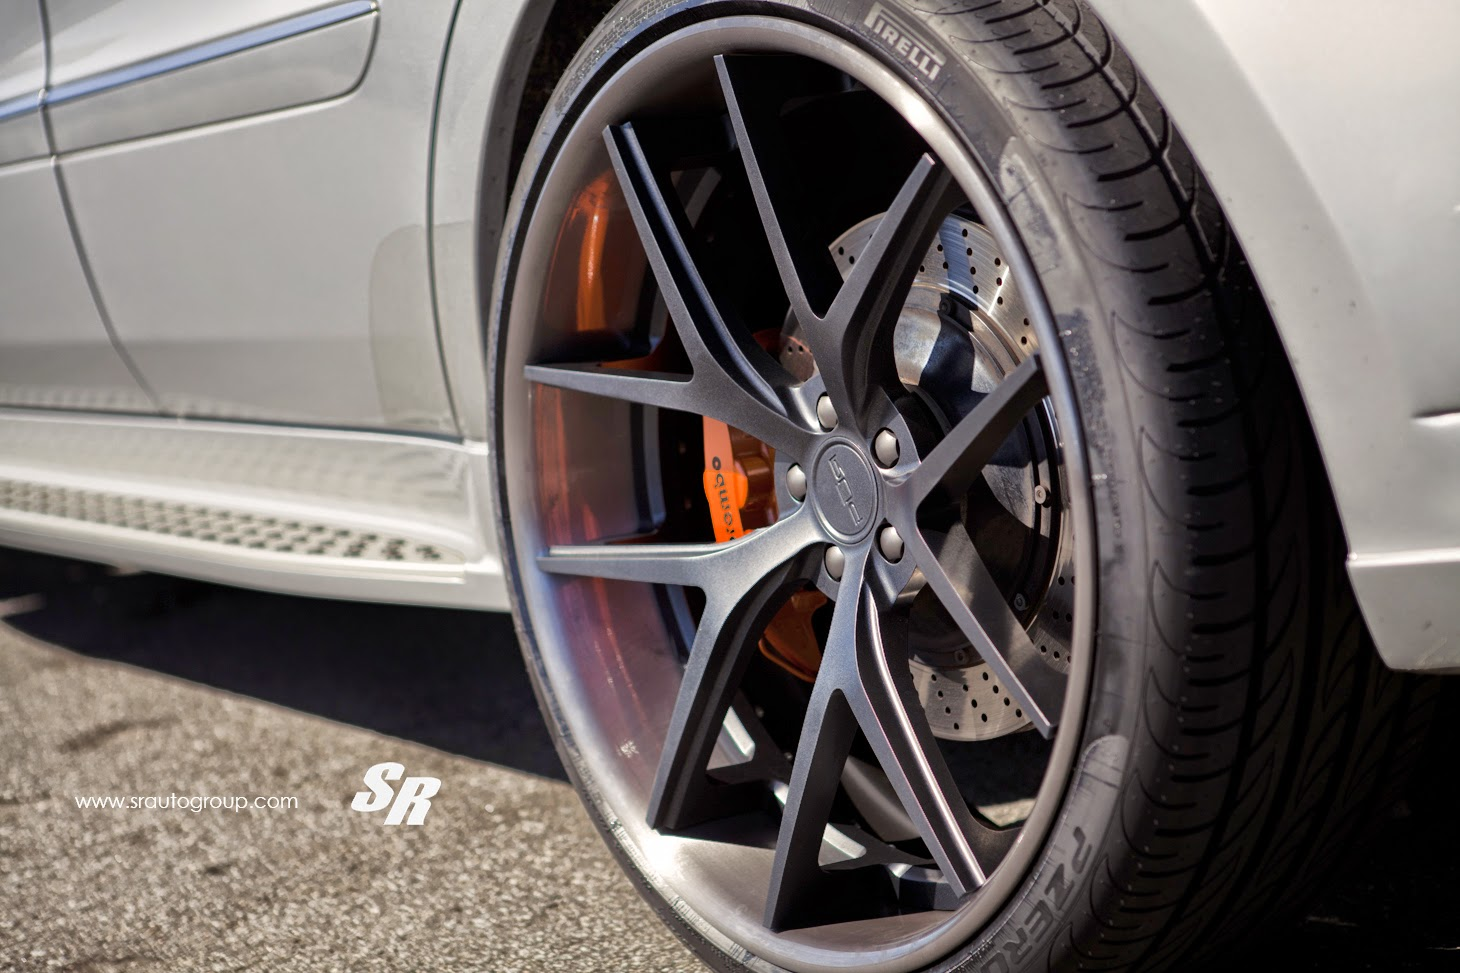 Mercedes W Ml Pur Wheels on Mercedes Benz 190e 2 6